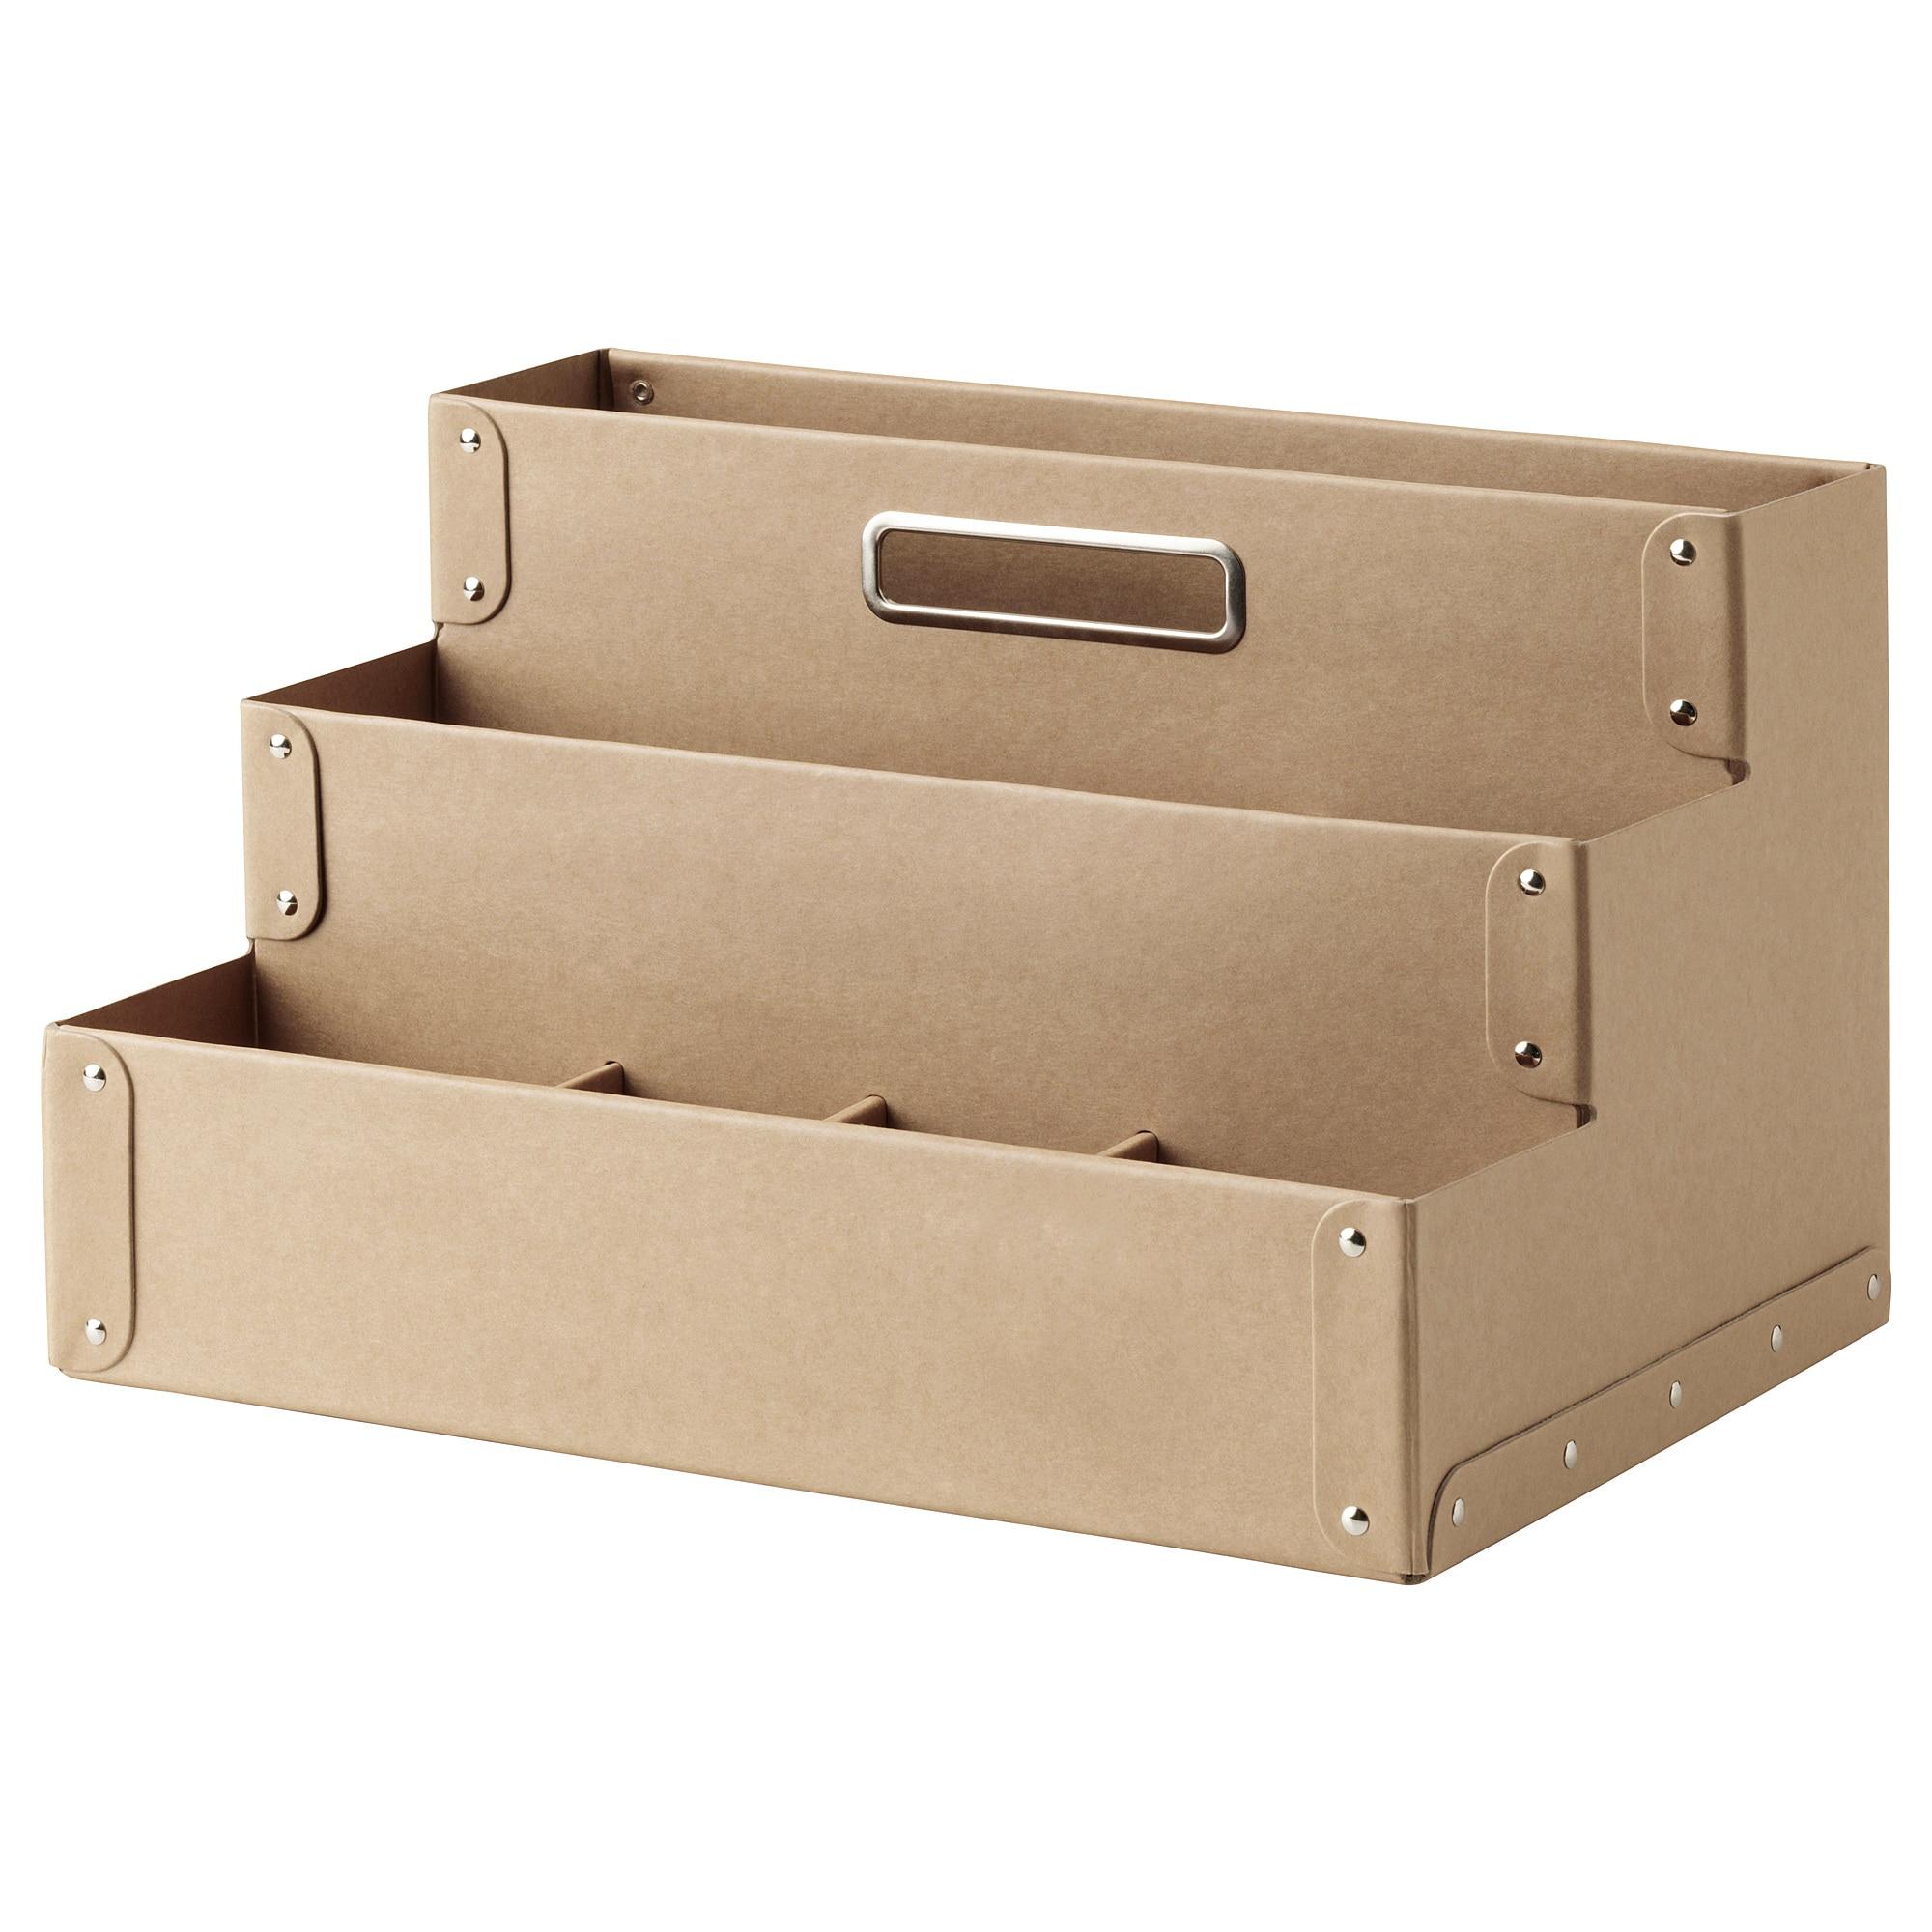 Подставка для канцелярских принадлежности ФЬЕЛЛА естественный/бежевый артикуль № 204.025.29 в наличии. Онлайн сайт IKEA РБ. Недорогая доставка и установка.